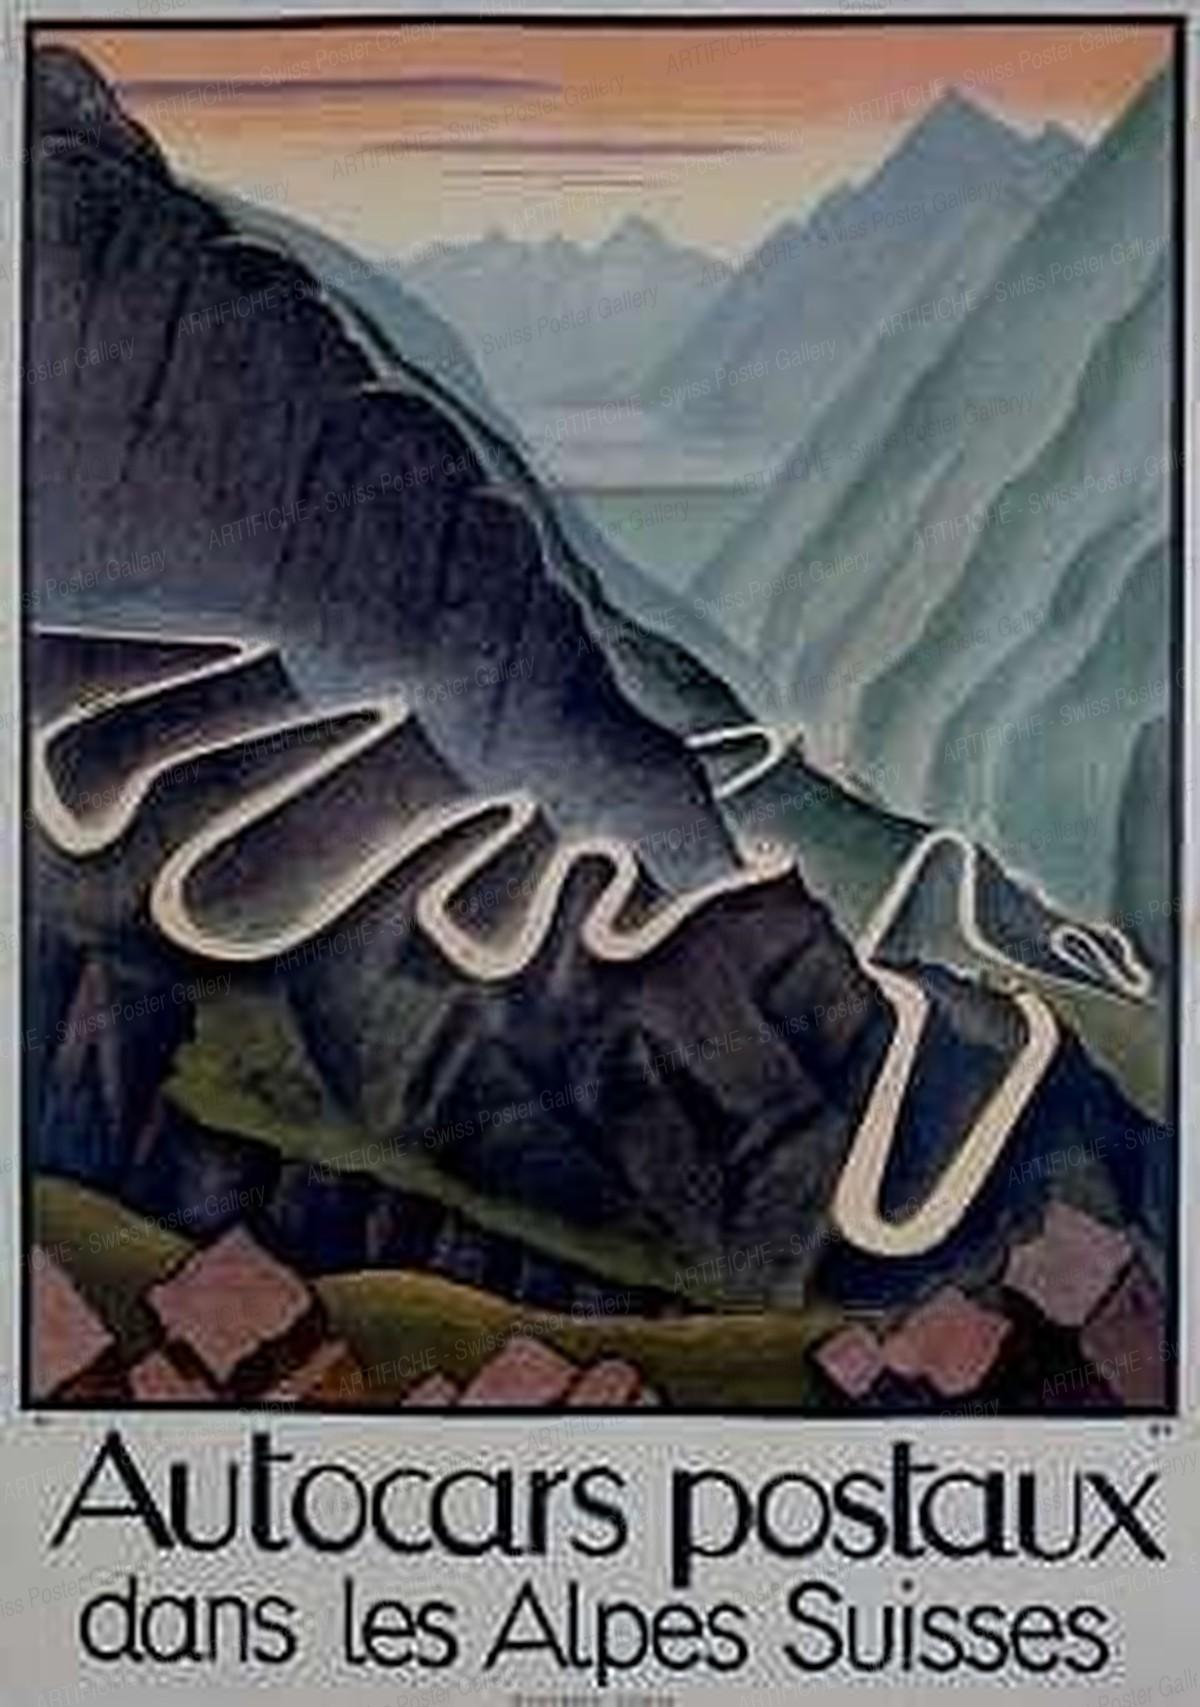 Autocars postaux dans les Alpes Suisses, Niklaus Stoecklin